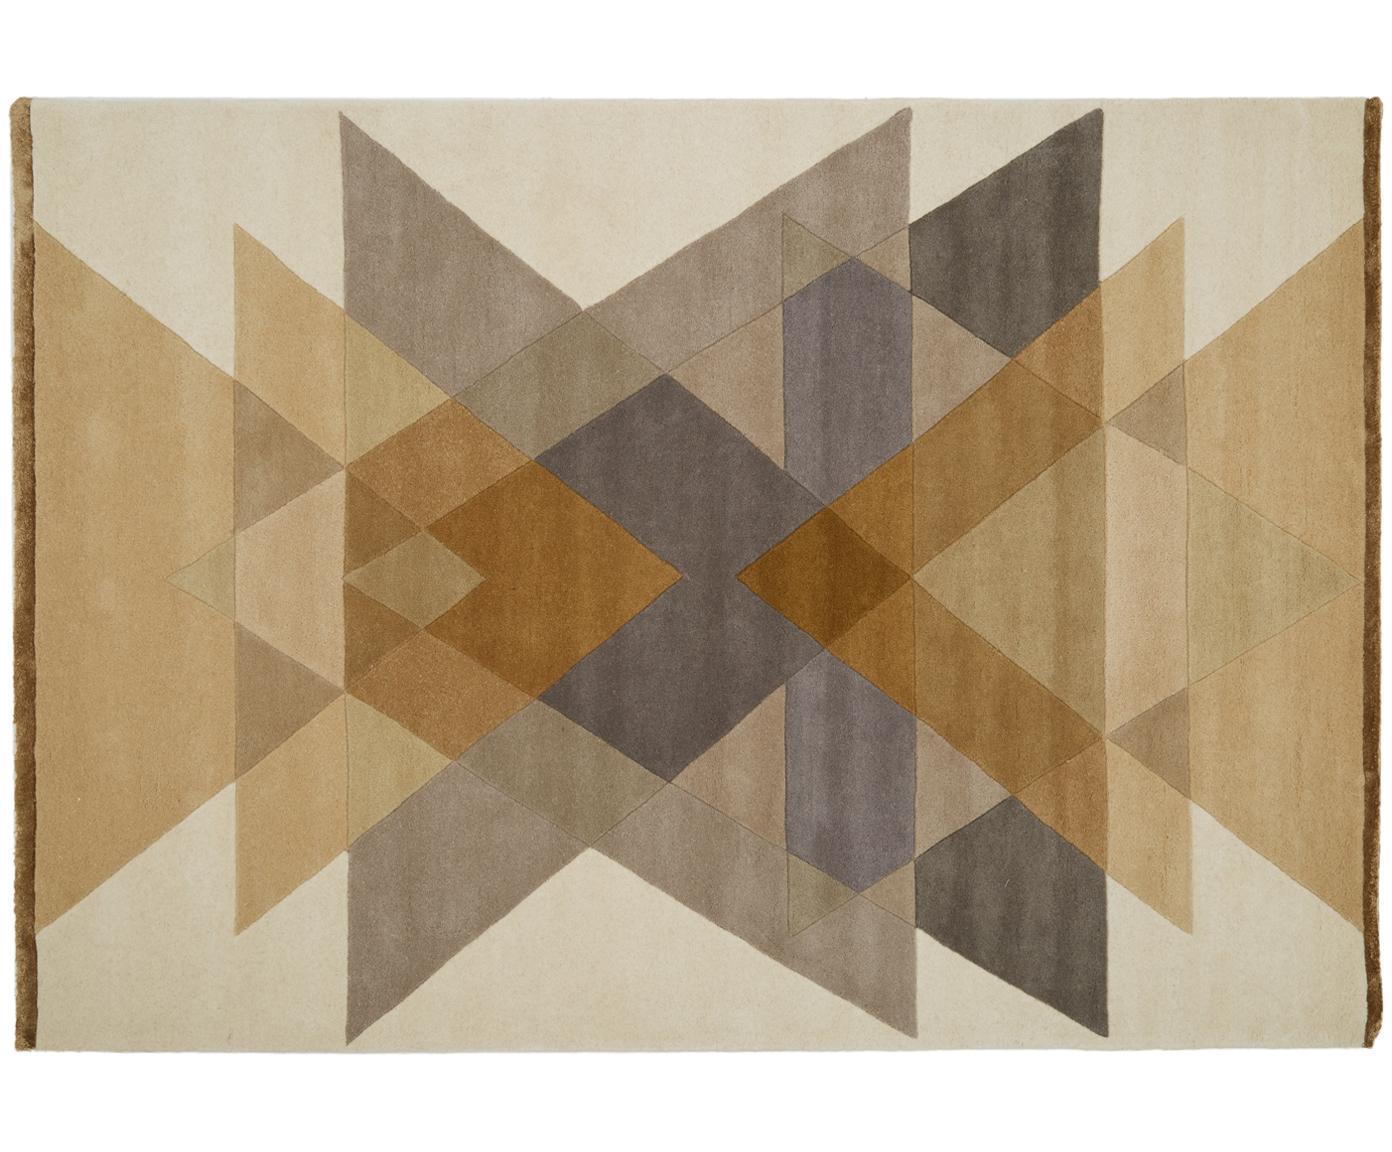 Tappeto di design taftato a mano  Freya, Vello: 95% lana, 5% viscosa, Retro: lana, Giallo senape, beige, grigio, marrone, Larg. 140 x Lung. 200 cm (taglia S)